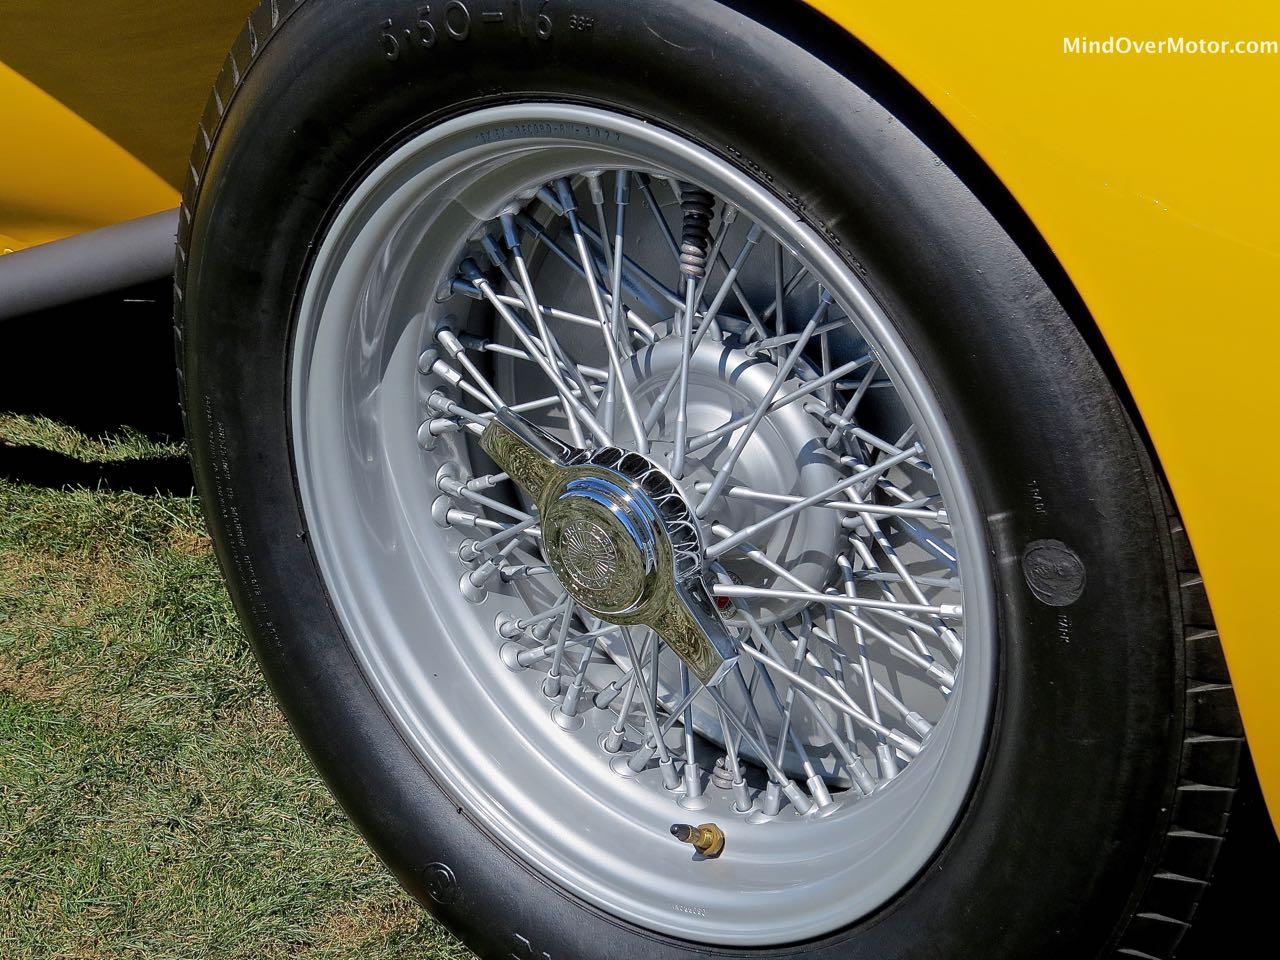 1958 Ferrari Testa Rossa Wheel